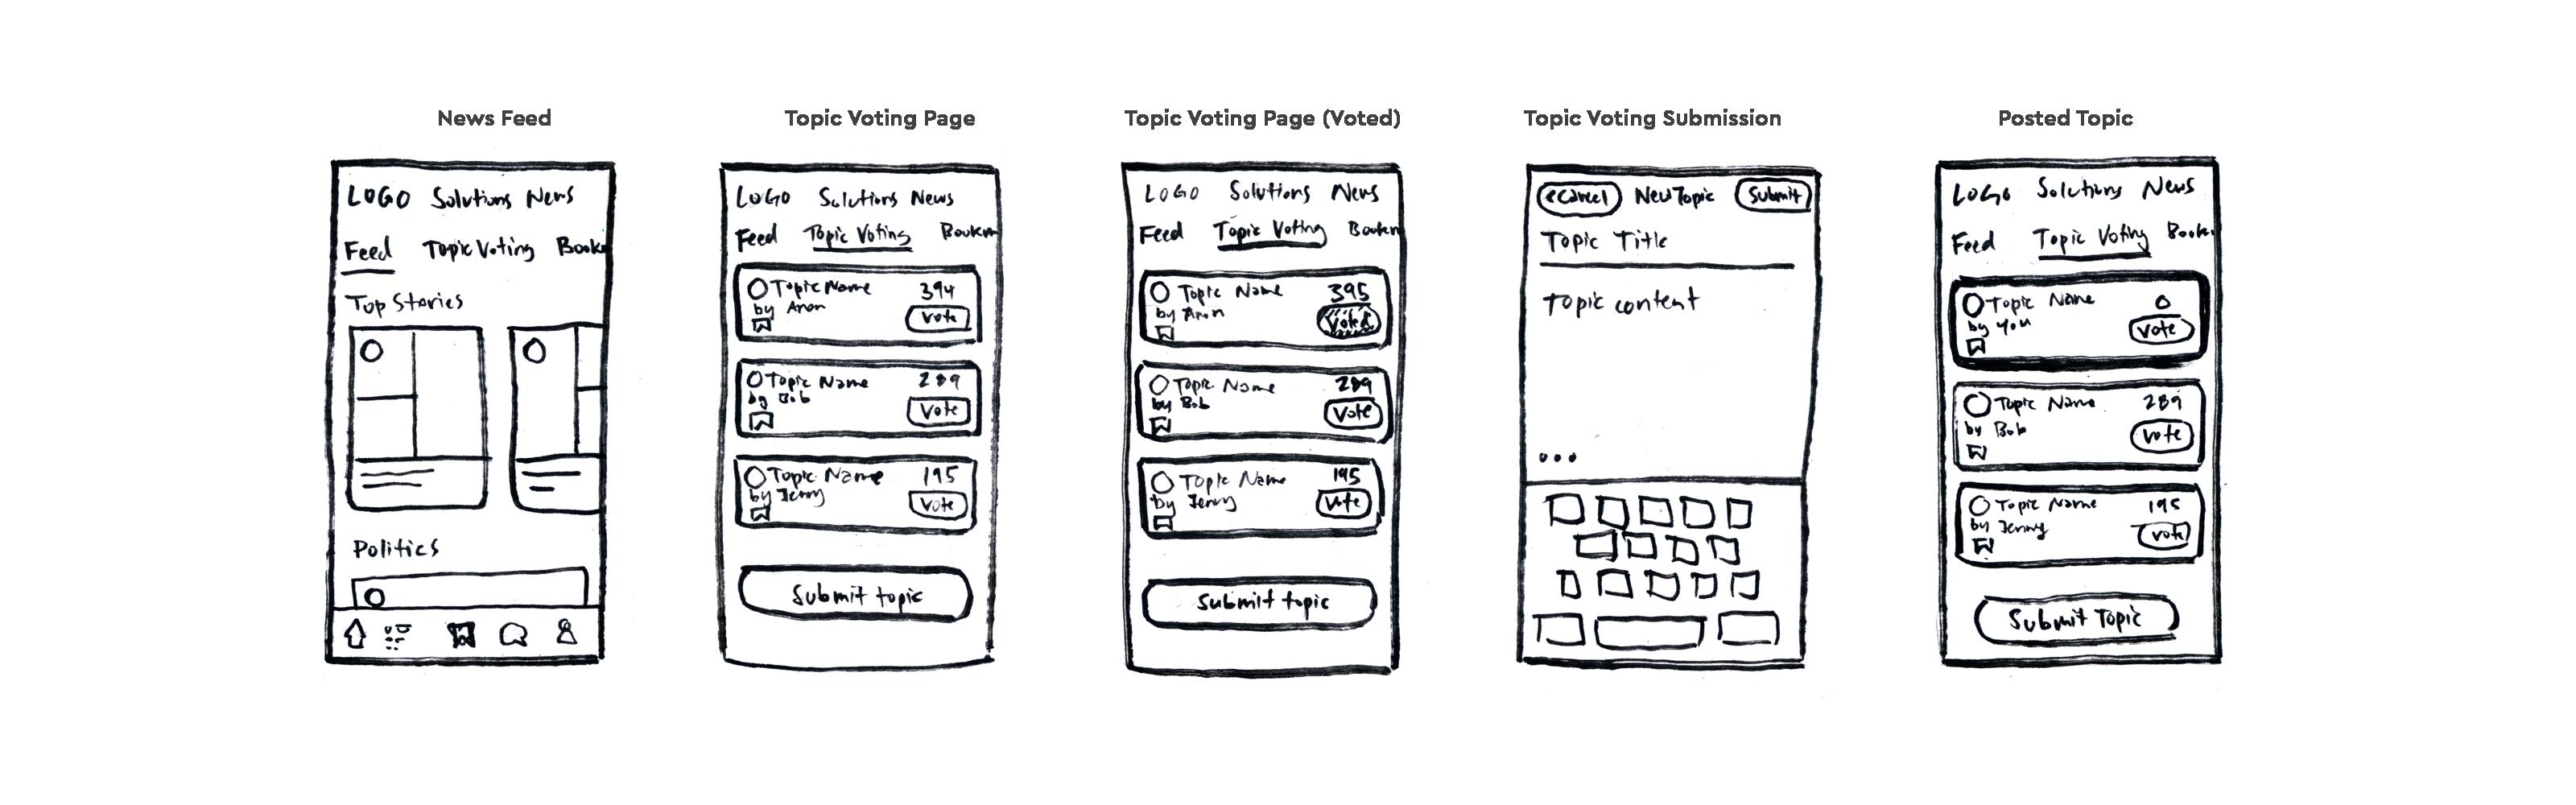 Capstone_TaskFlow_Version2_sketches3